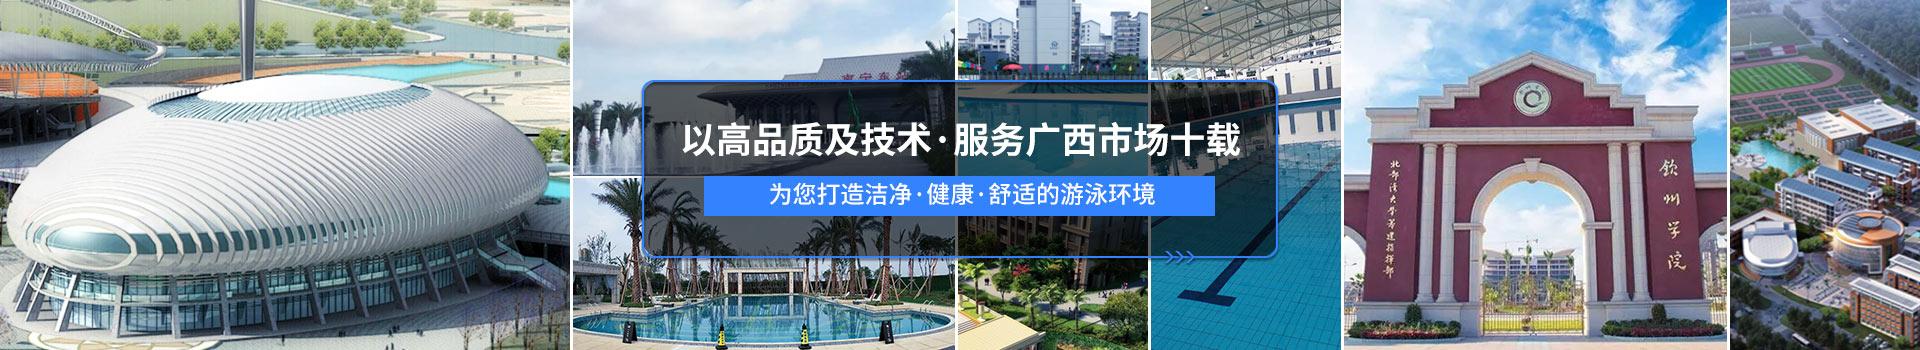 南宁长江源-以高品质及技术,服务广西市场十载